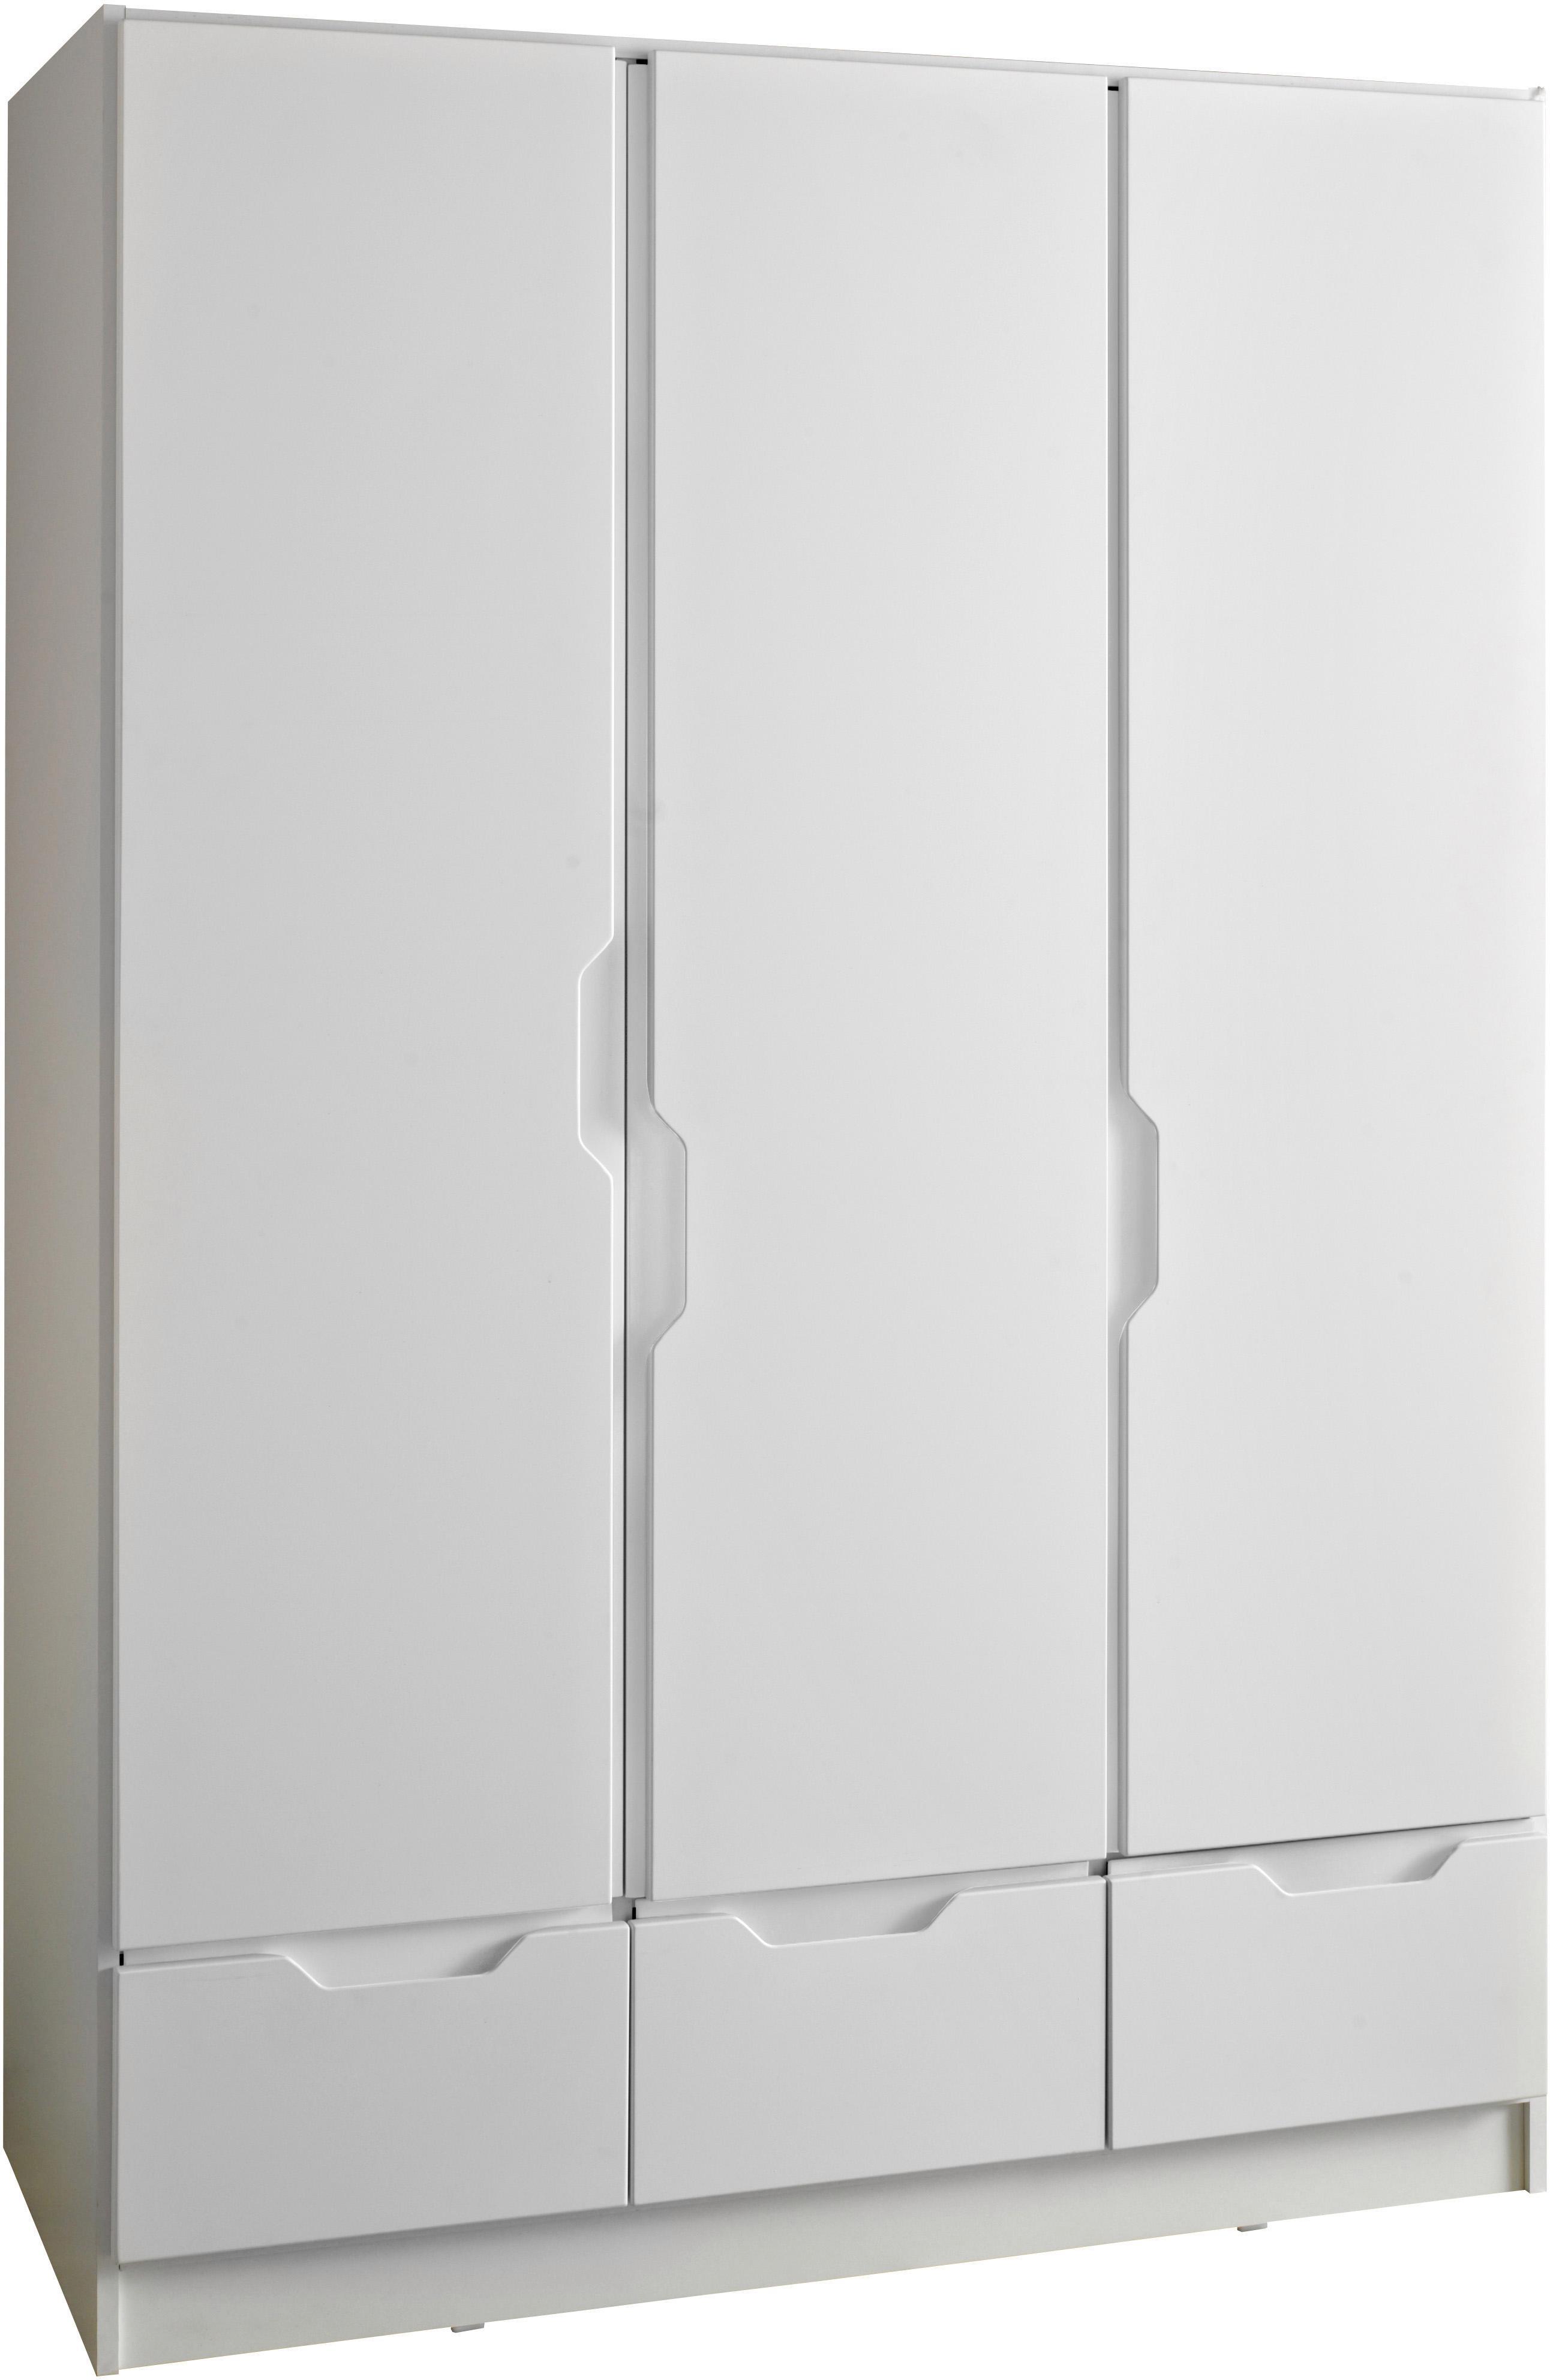 Geuther Kleiderschrank FRESH 3-türig weiß